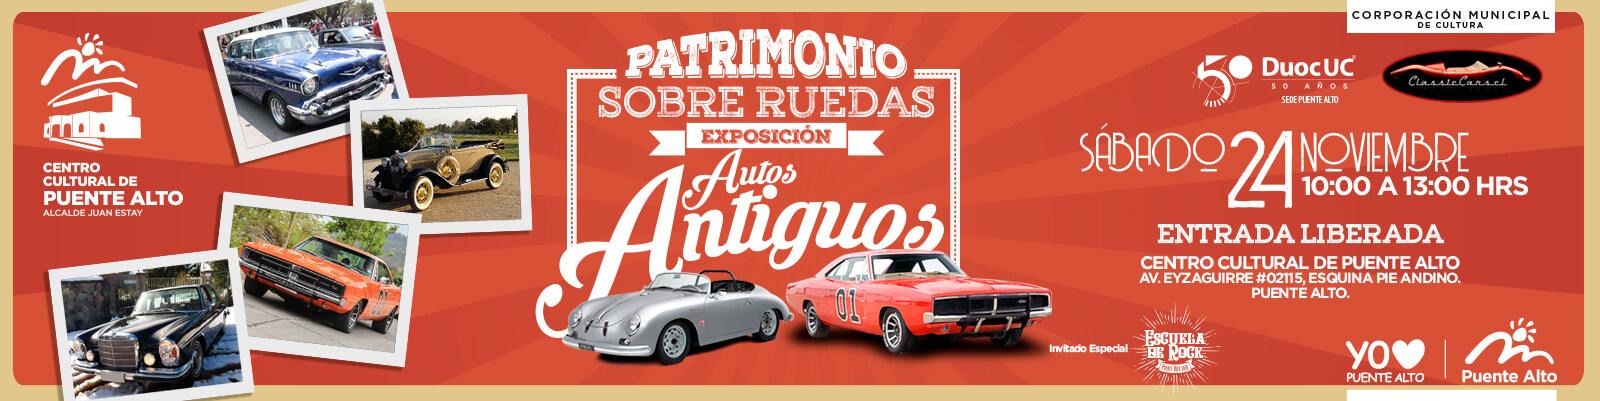 Patrimonio Sobre Ruedas: exposición de autos clásicos y antiguos.